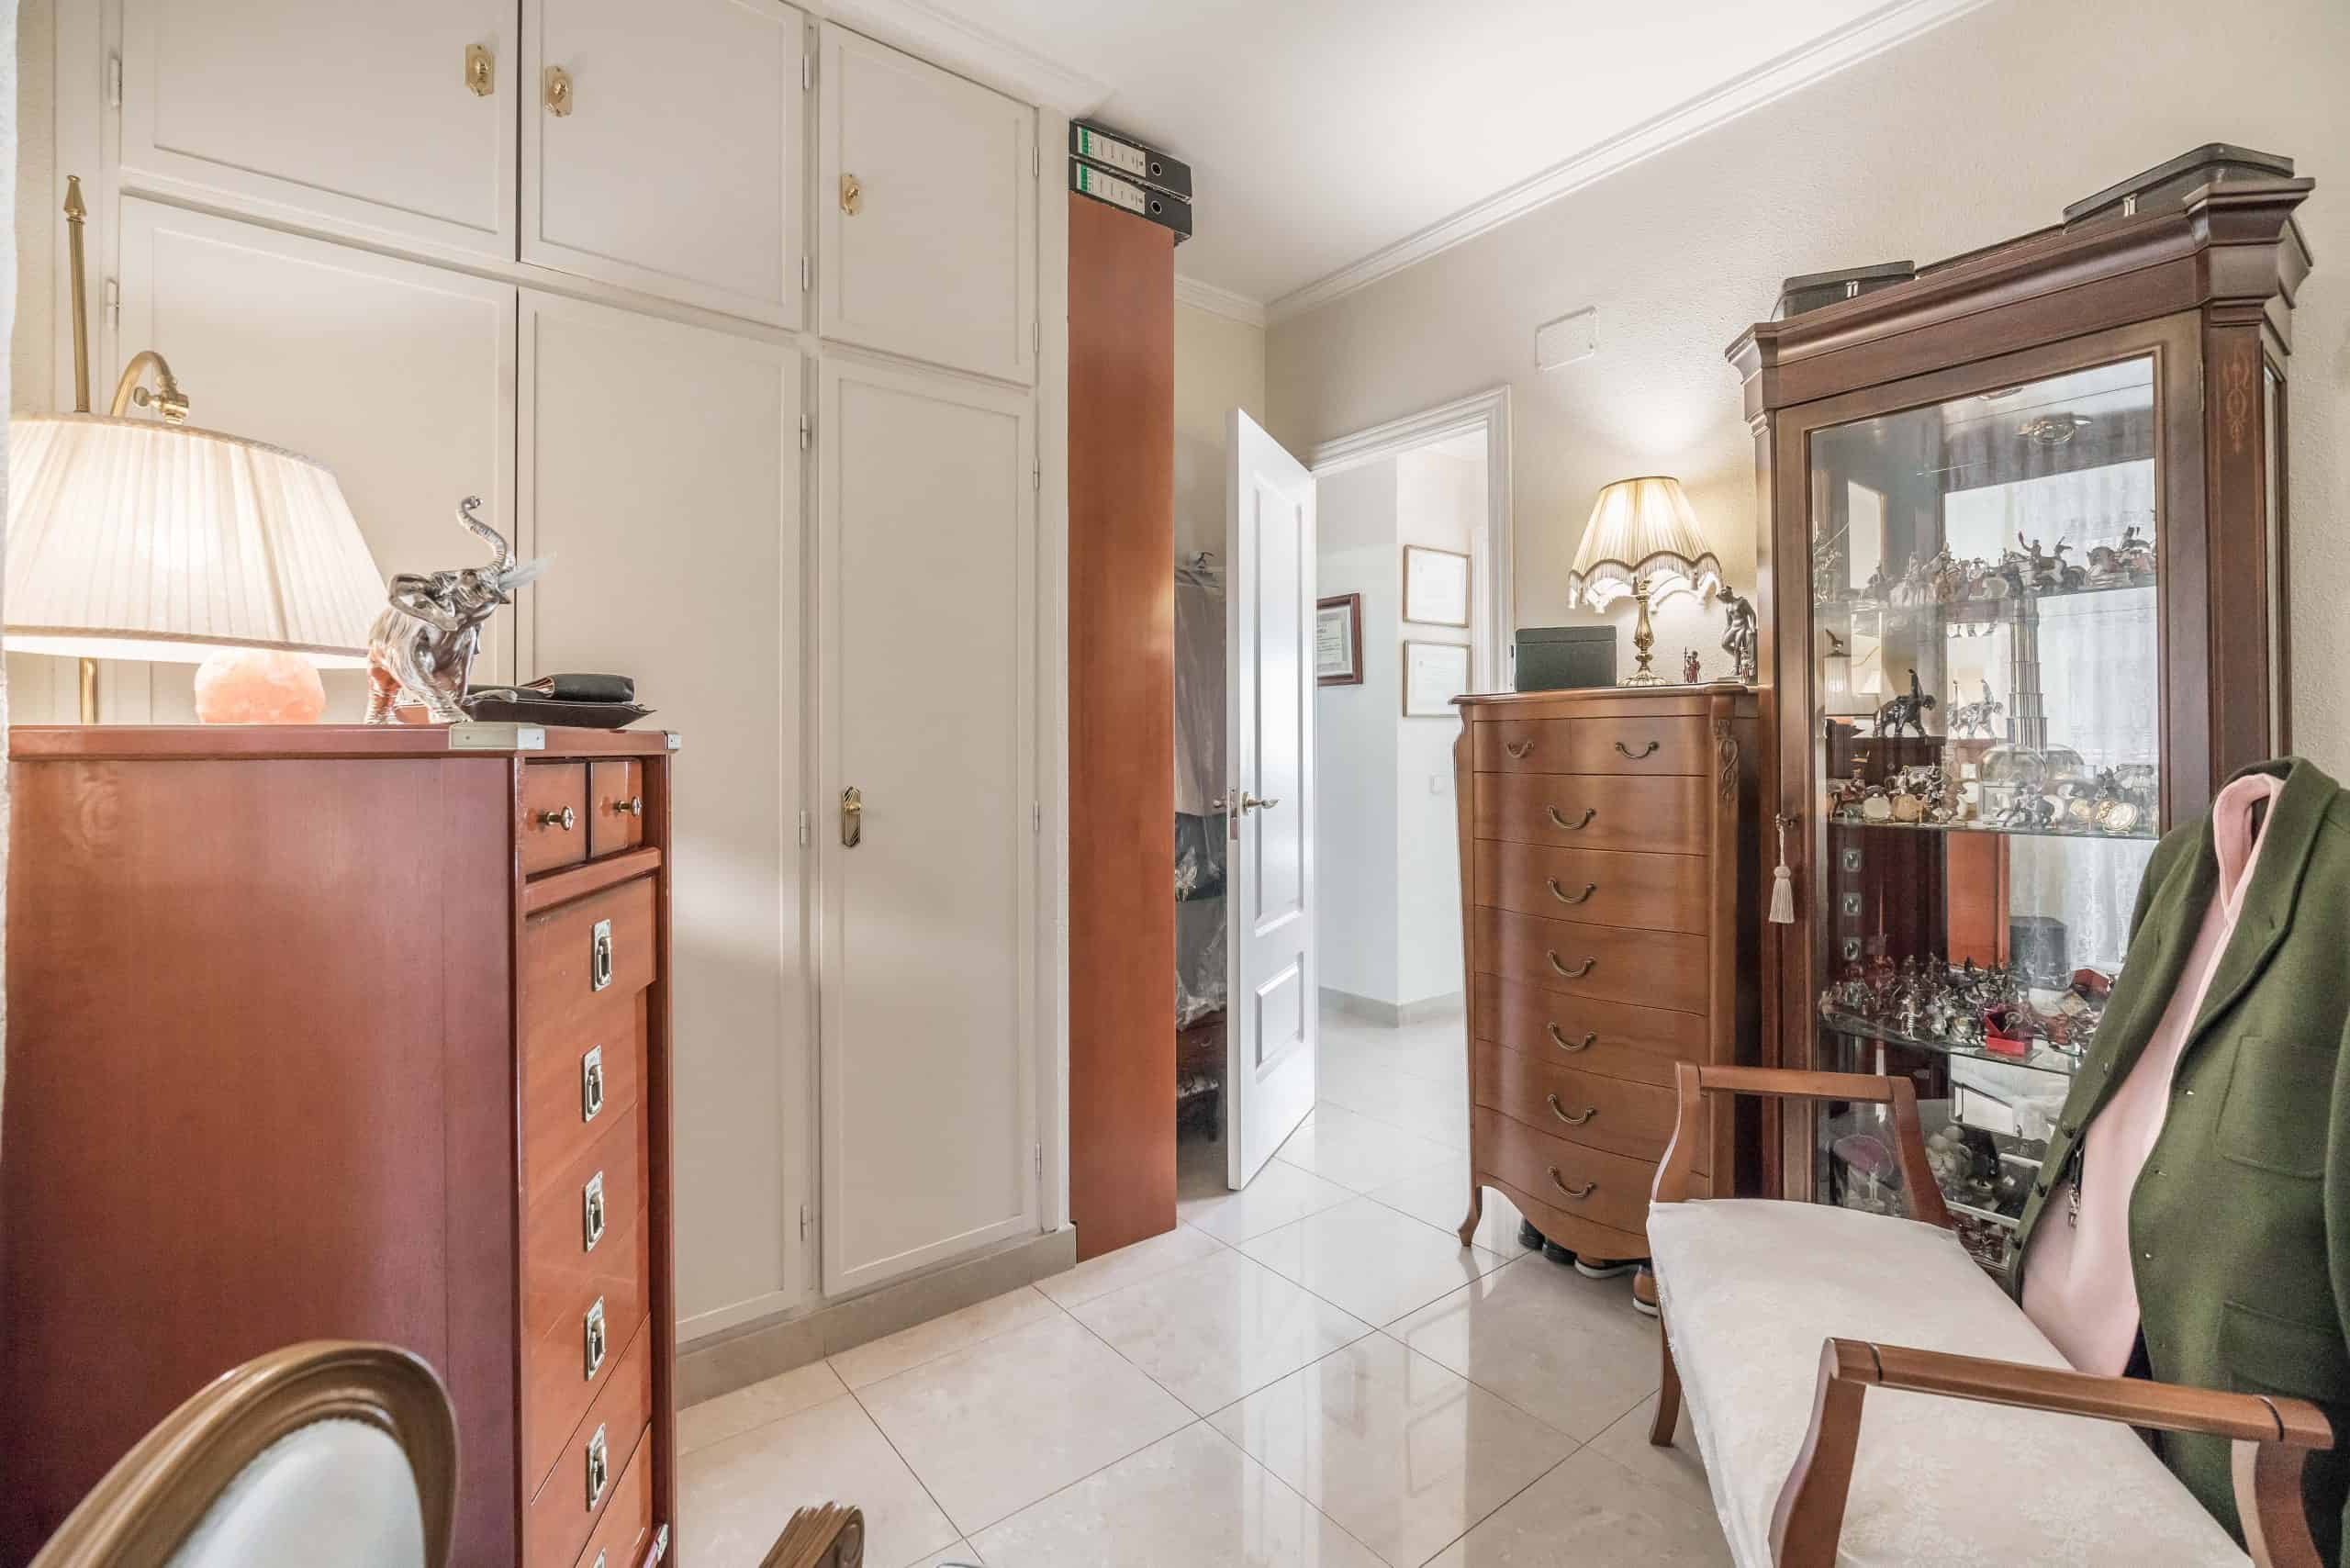 Agencia Inmobiliaria de Madrid-FUTUROCASA-Zona ARGANZUELA-EMBAJADORES-LEGAZPI -calle Santa María de la Cab6 DORMITORIO3 (4)